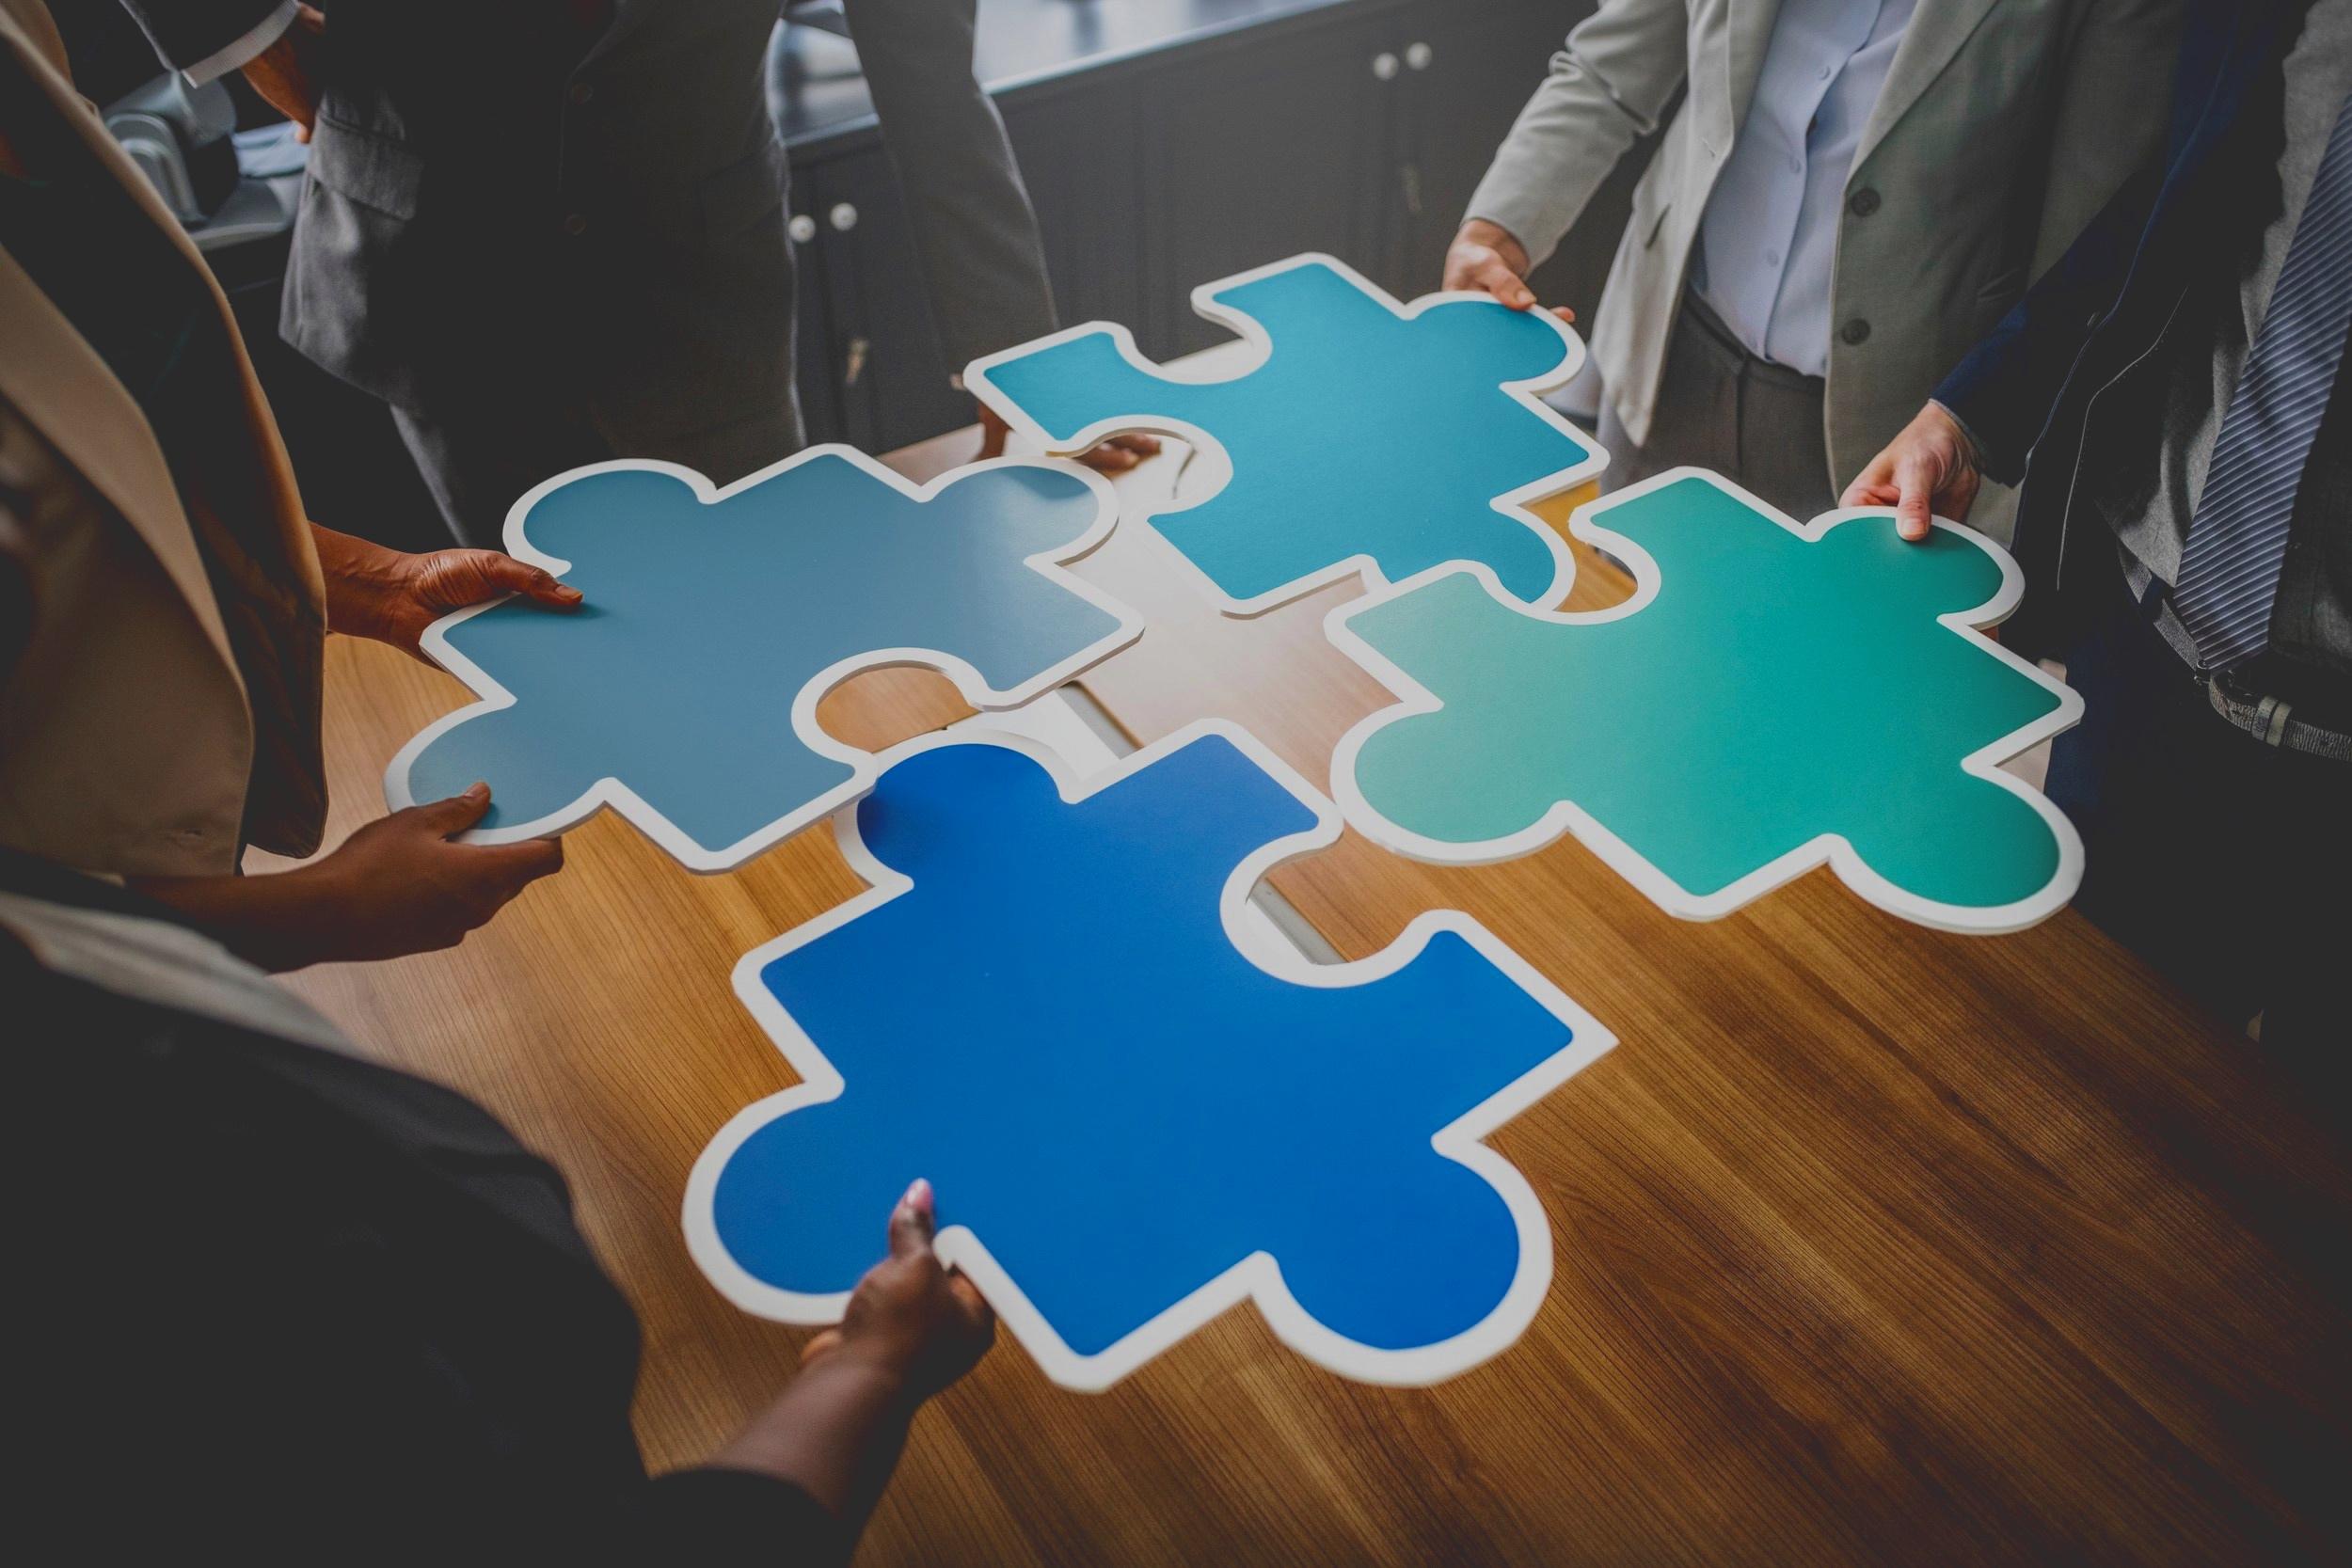 people-puzzle.jpg